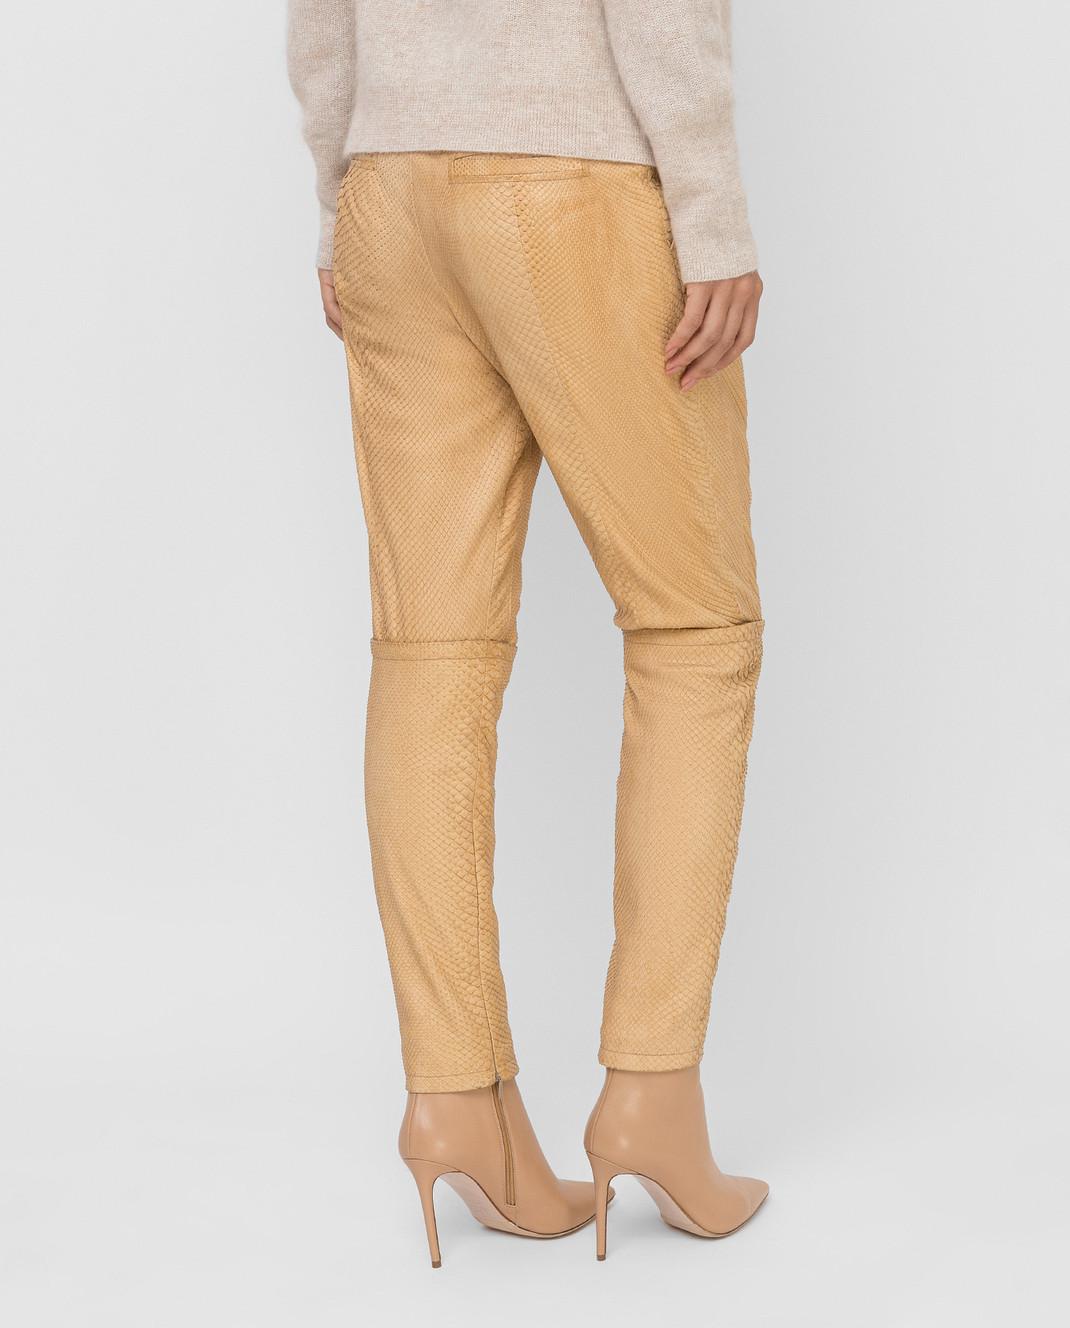 Gucci Бежевые брюки из кожи питона 264366 изображение 4